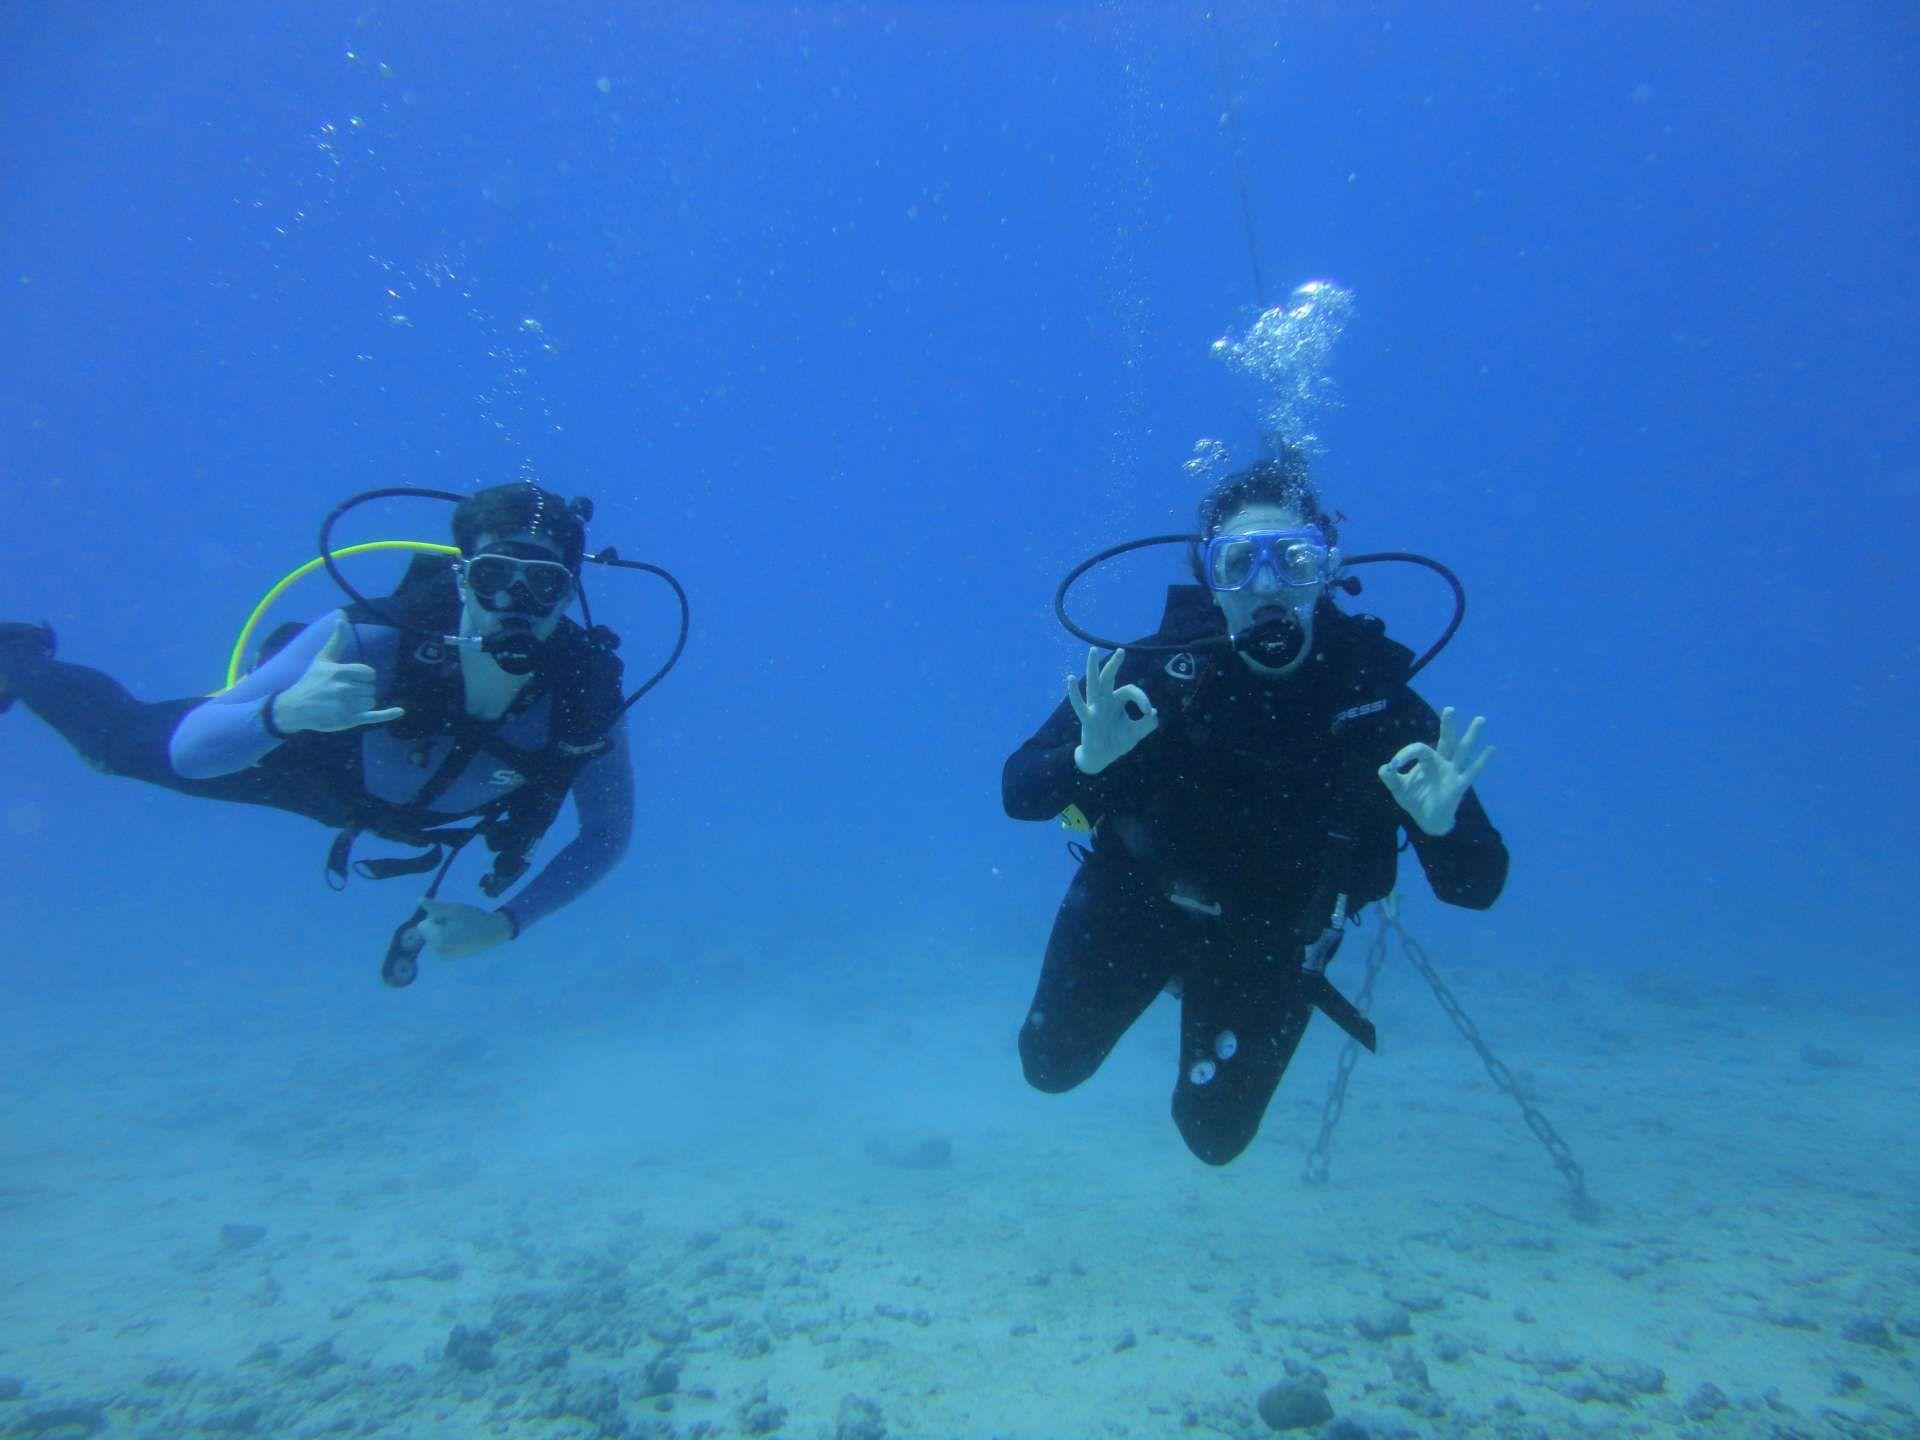 Hawaii-scuba-diving-14.jpg 1,920×1,440 Pixels Http://e